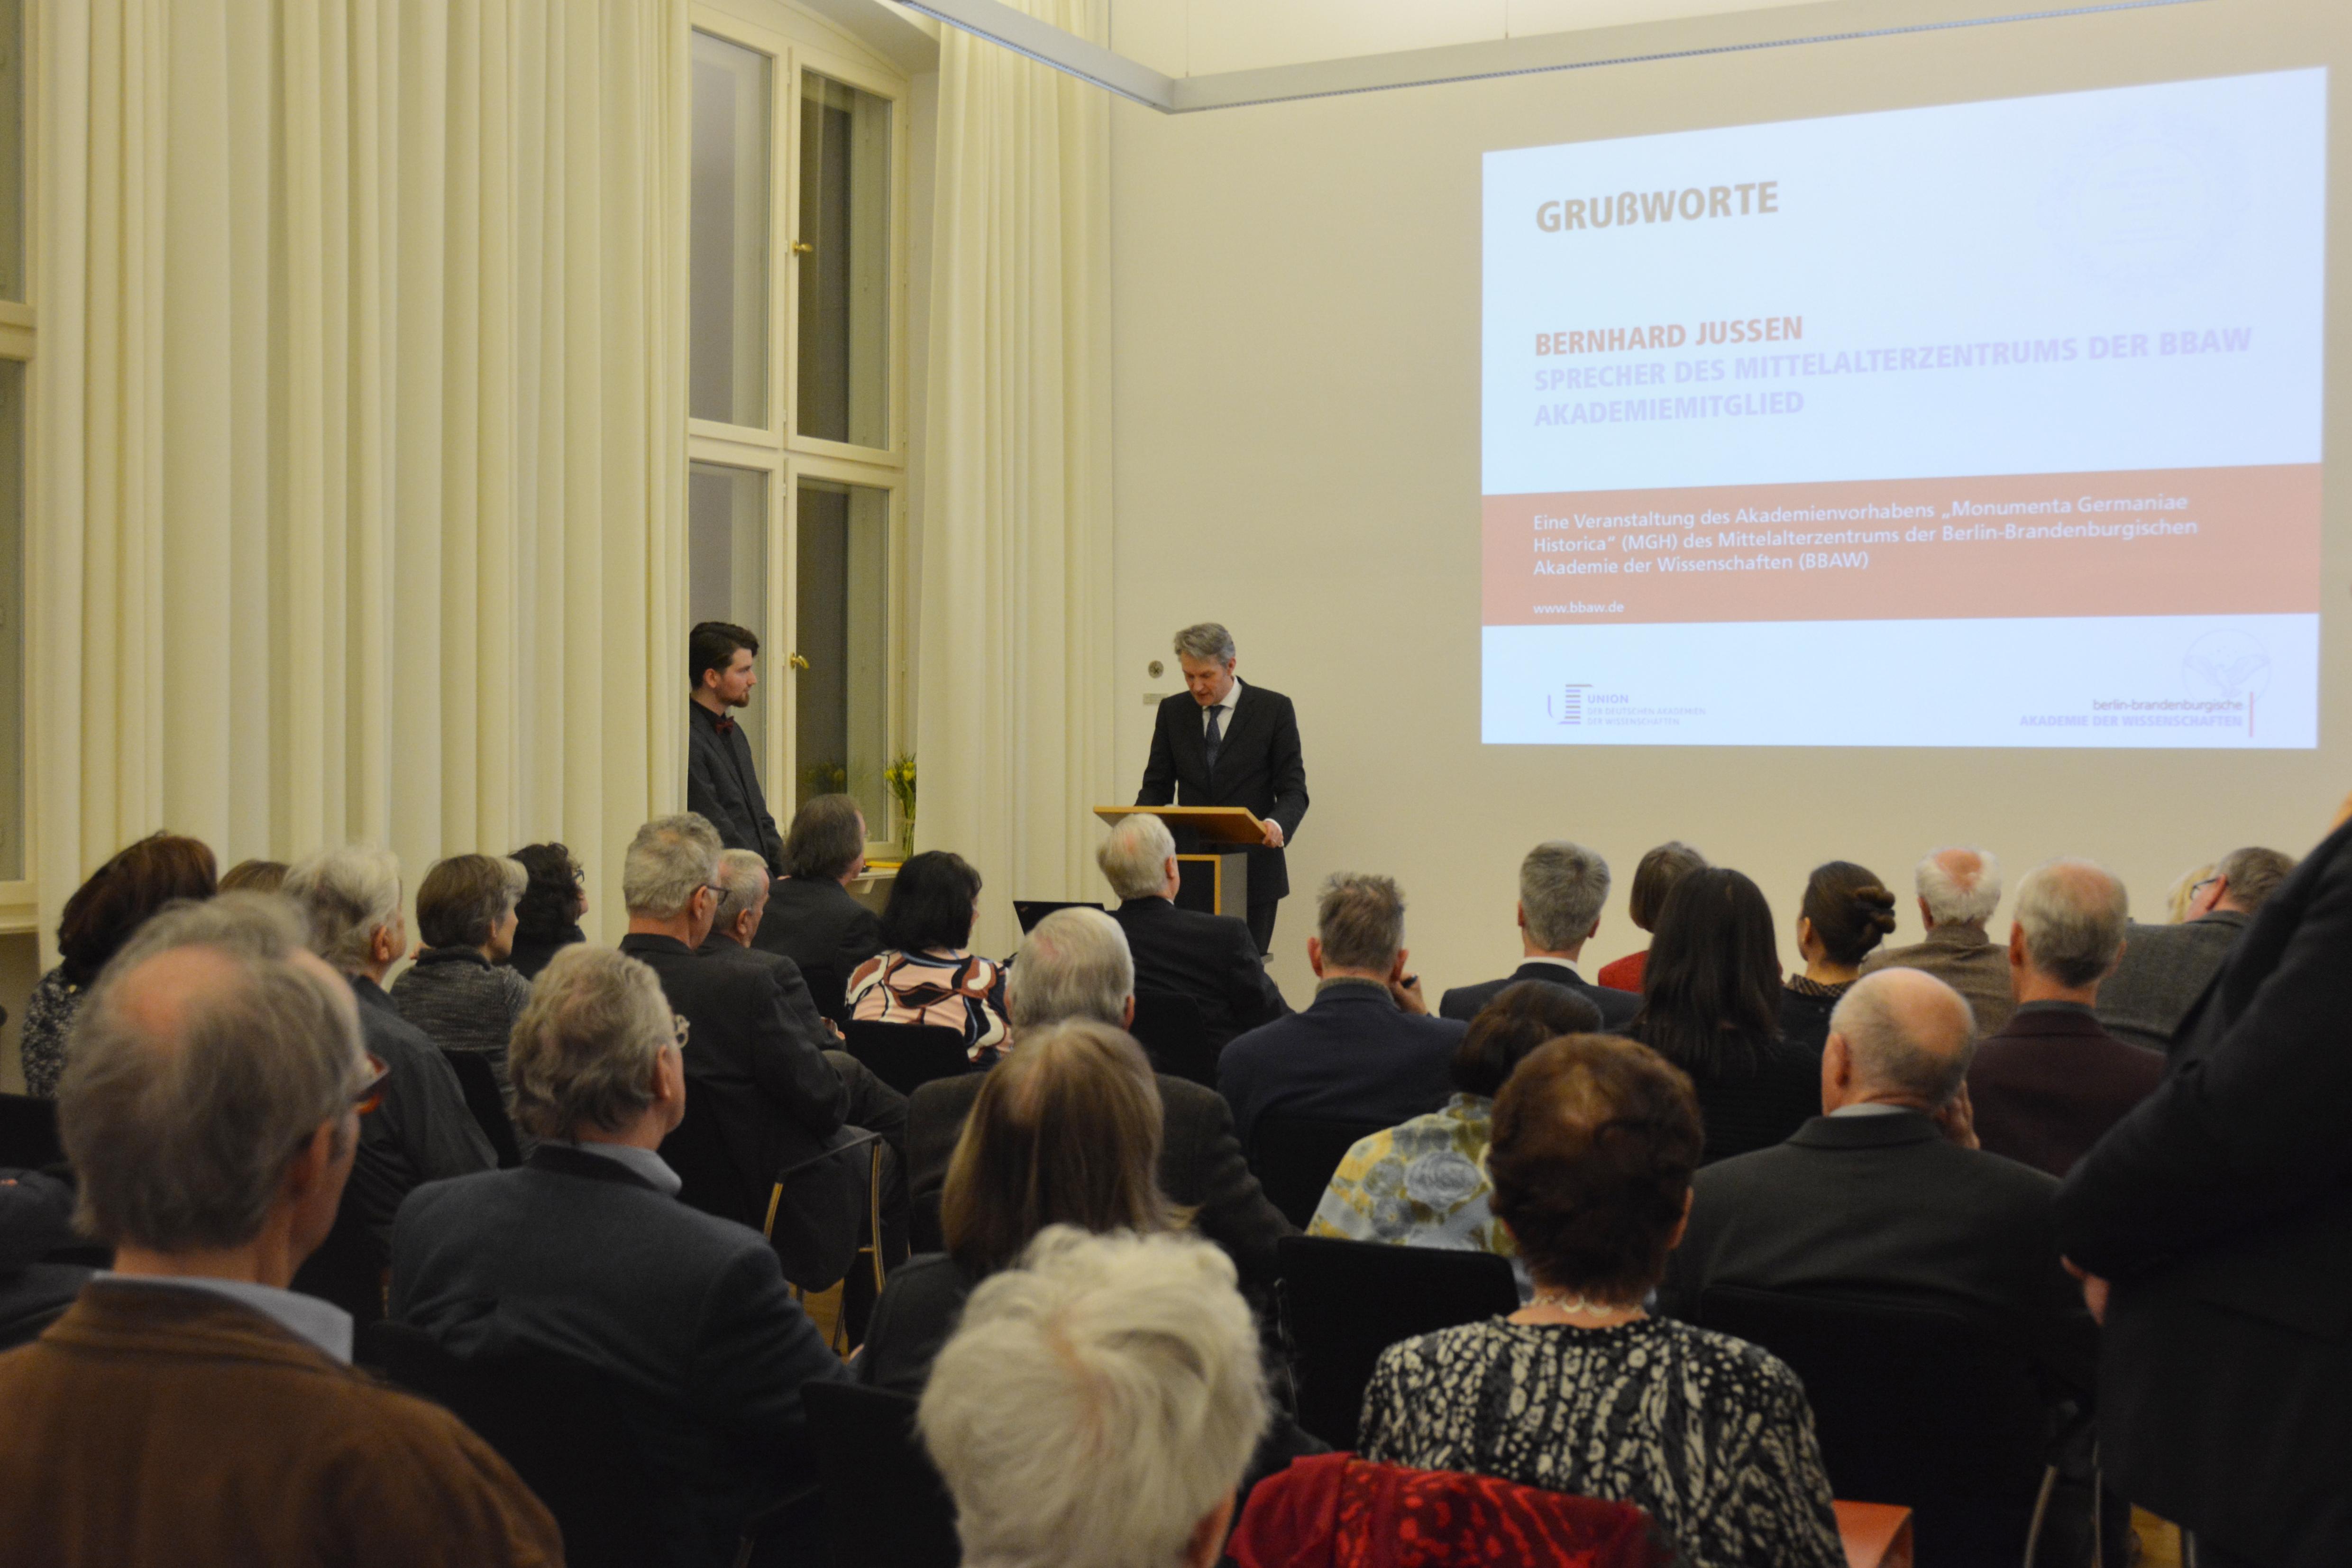 Der Vortragssaal war bis auf den letzten Platz besetzt.